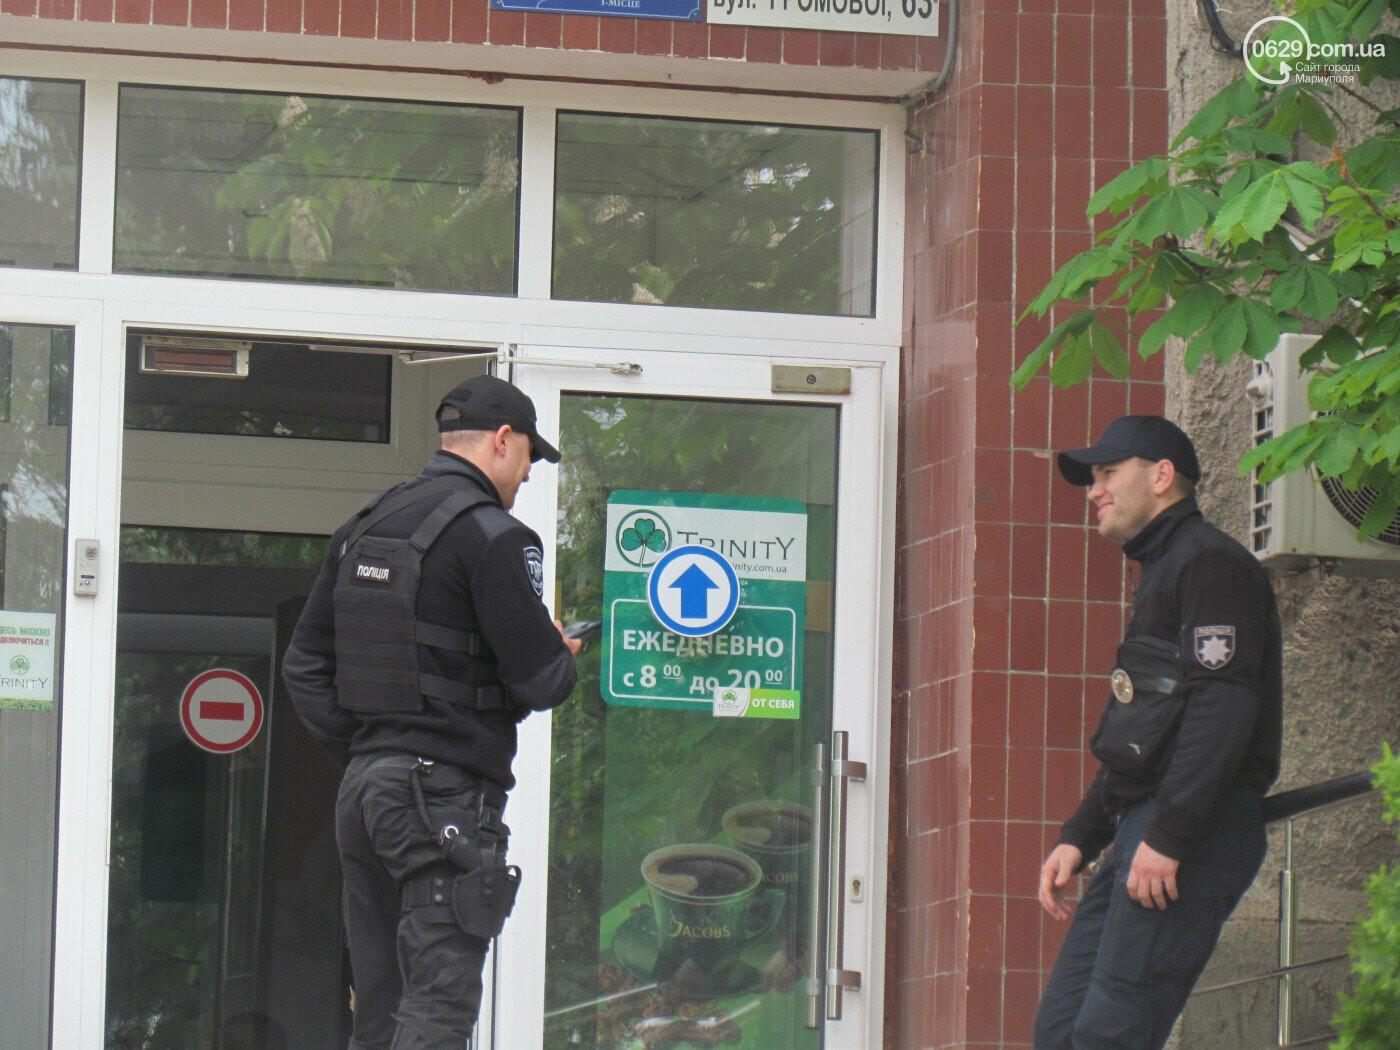 """В компании """"Тринити"""" объяснили, какие действия проводились киберполицией, фото-3"""